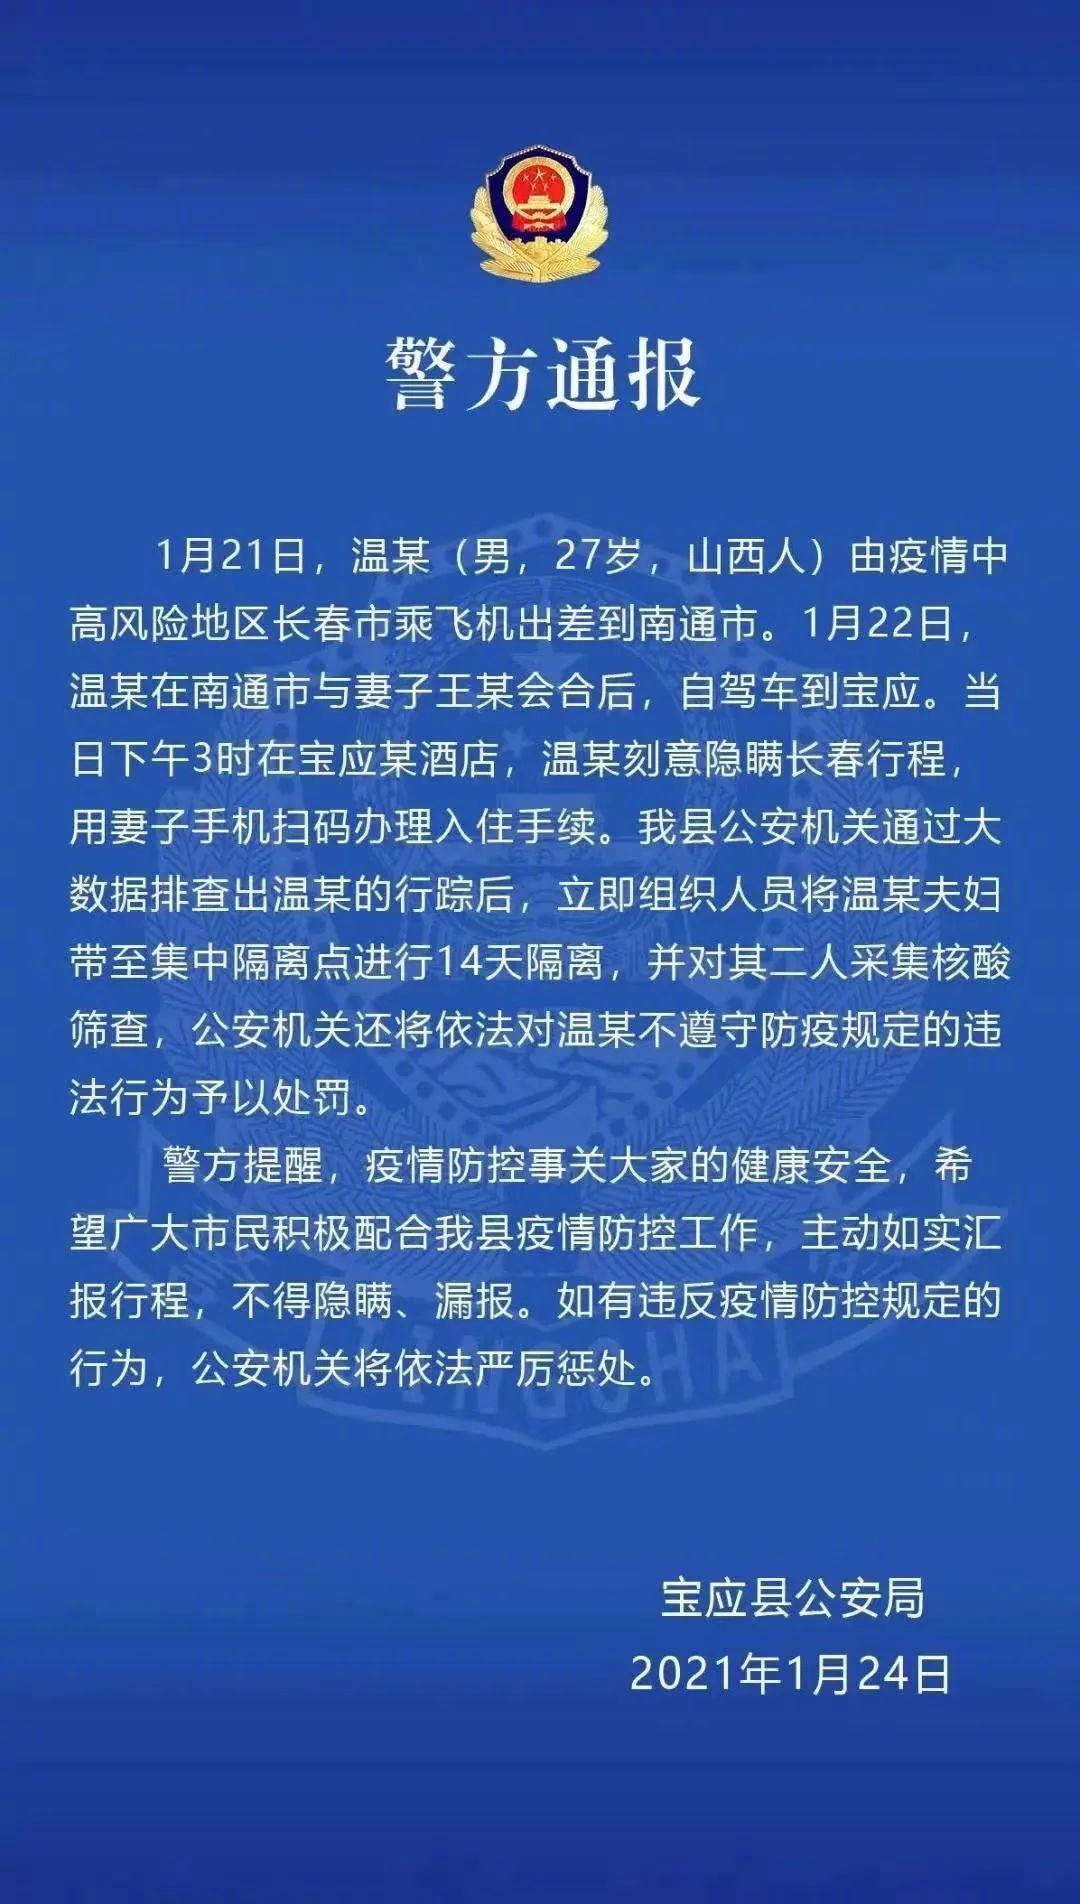 警方通报:男子隐瞒长春行程入住扬州某酒店被罚